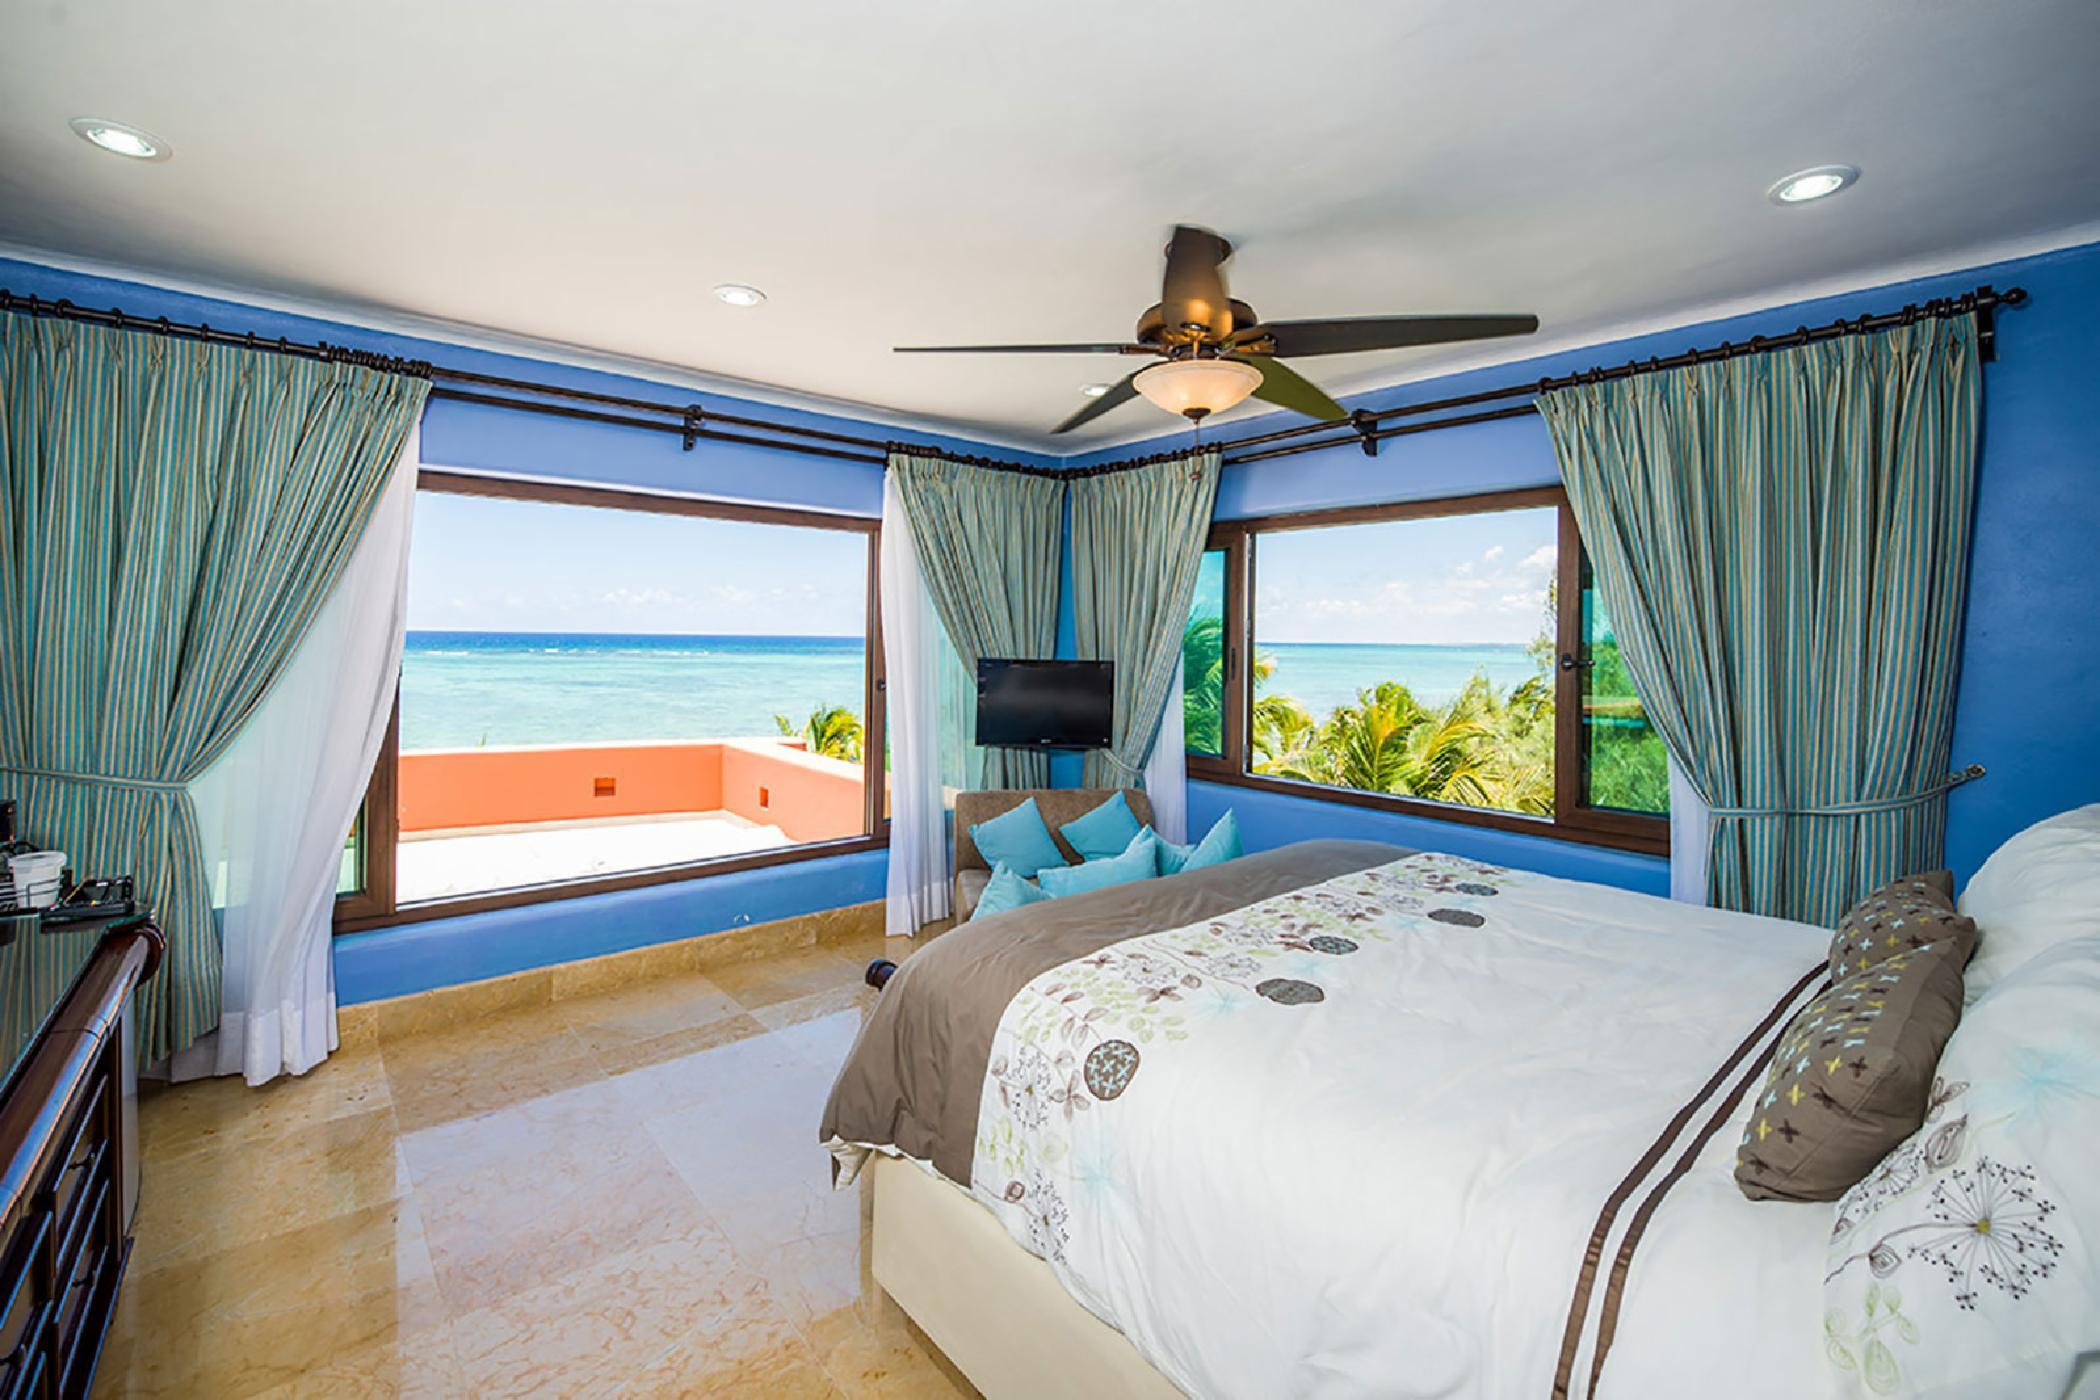 Maya_Luxe_Riviera_Maya_Luxury_Villas_Experiences_Tankah_Bay_Tulum_8_Bedrooms_Cenote_del_Mar_16.jpg